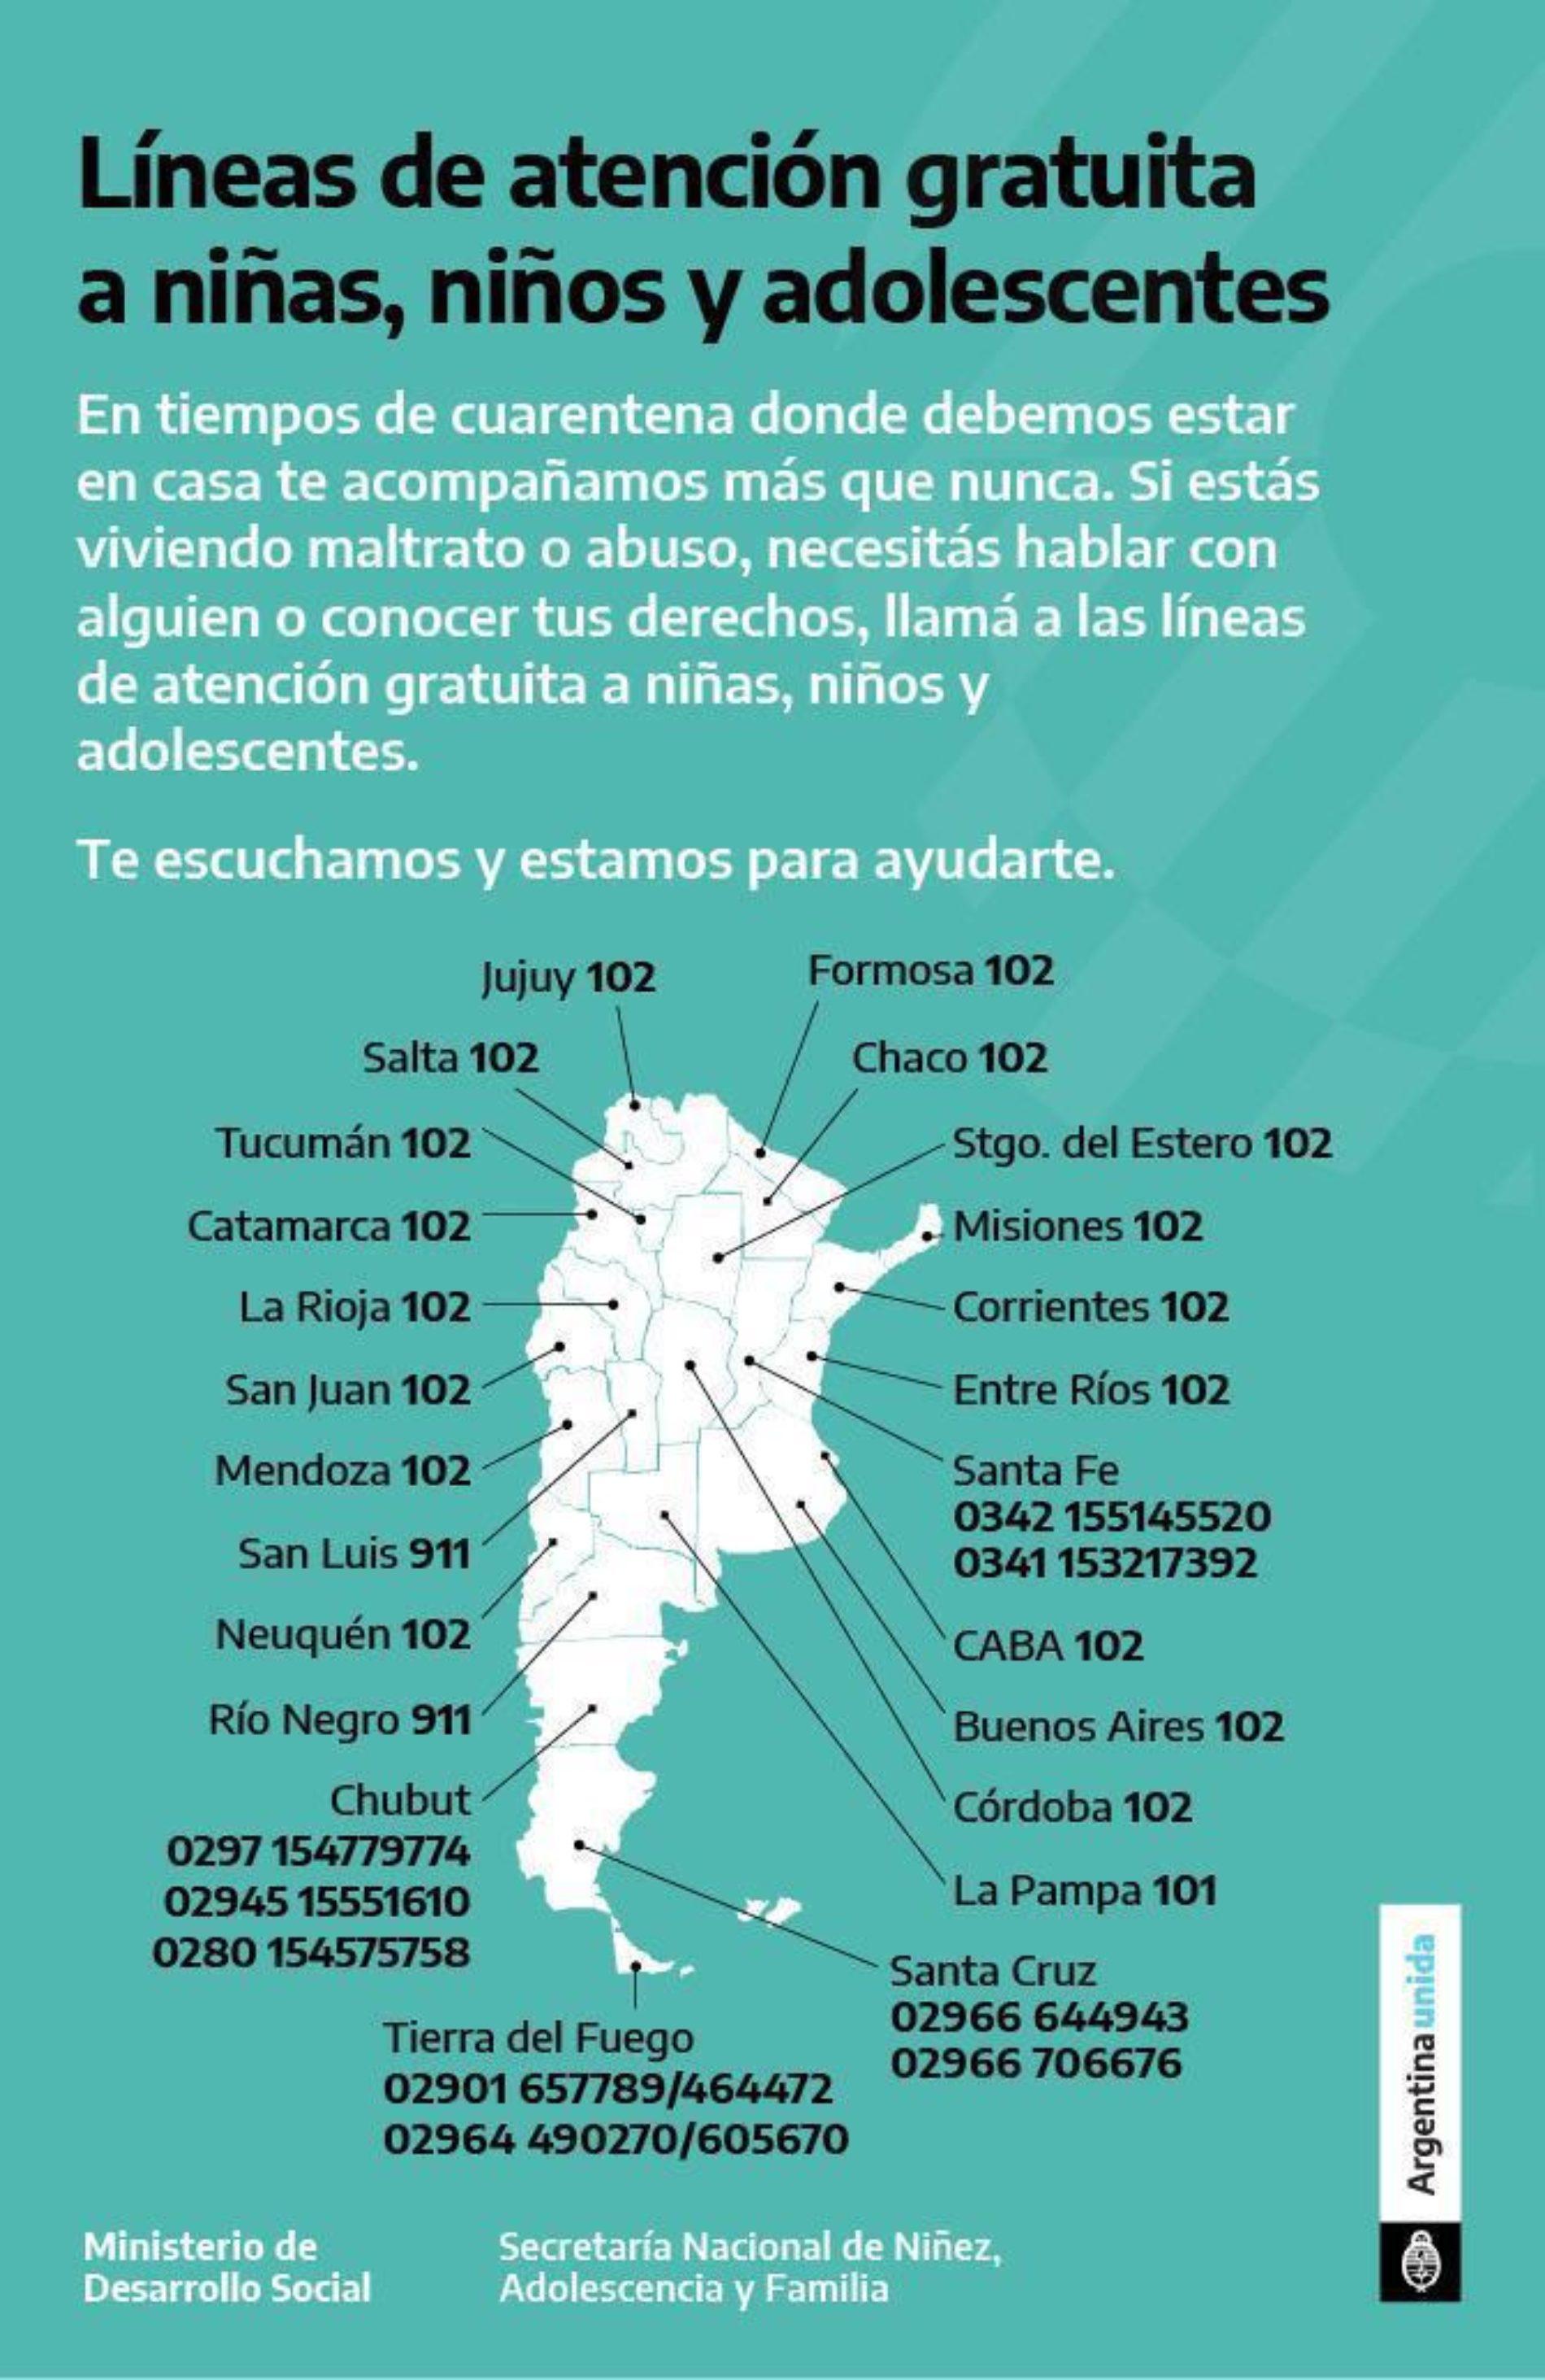 «Líneas de atención gratuita a niñas, niños y adolescentes». Ministerio de Desarrollo Social – Secretaría Nacional de Niñez, Adolescencia y Familia.